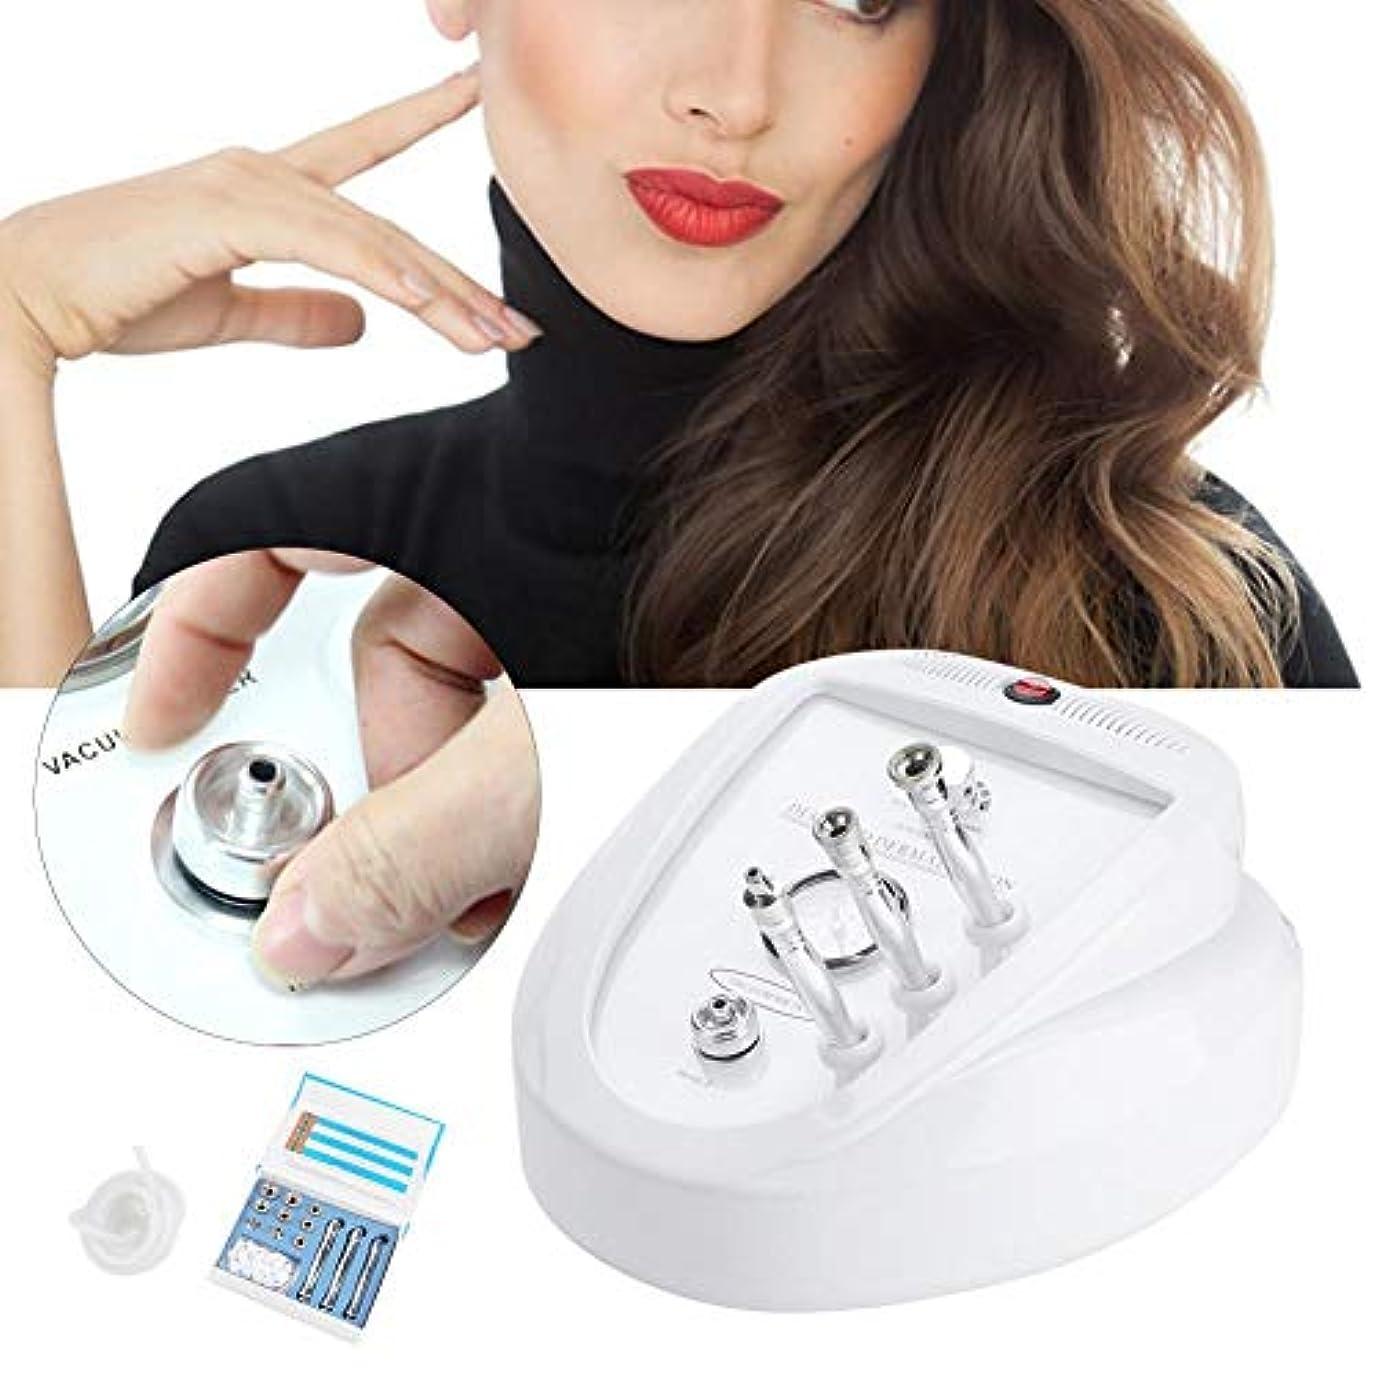 遺伝子潤滑する球体3 in 1ダイヤモンド皮膚剥離機、肌の若返り装置、フェイスリフティングマイクロマッサージエクスフォリエーター用プロのサロン&家庭用ディープクレンジングホワイトニングスキンピーリングシワ削除